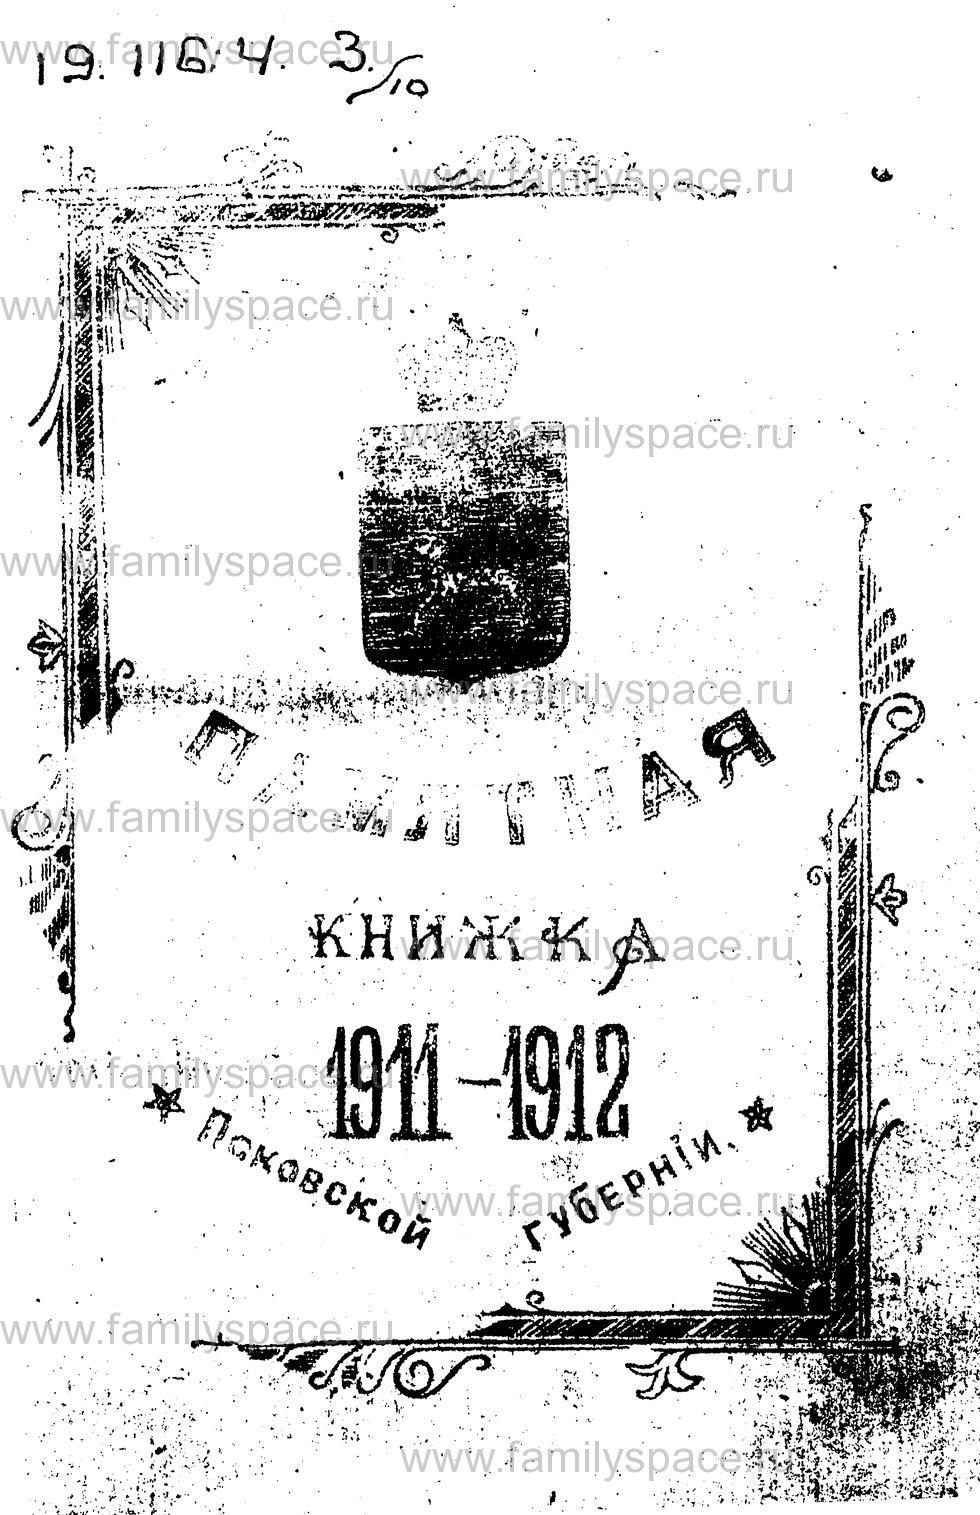 Поиск по фамилии - Памятная книжка Псковской губернии на 1911-1912 гг, страница 1